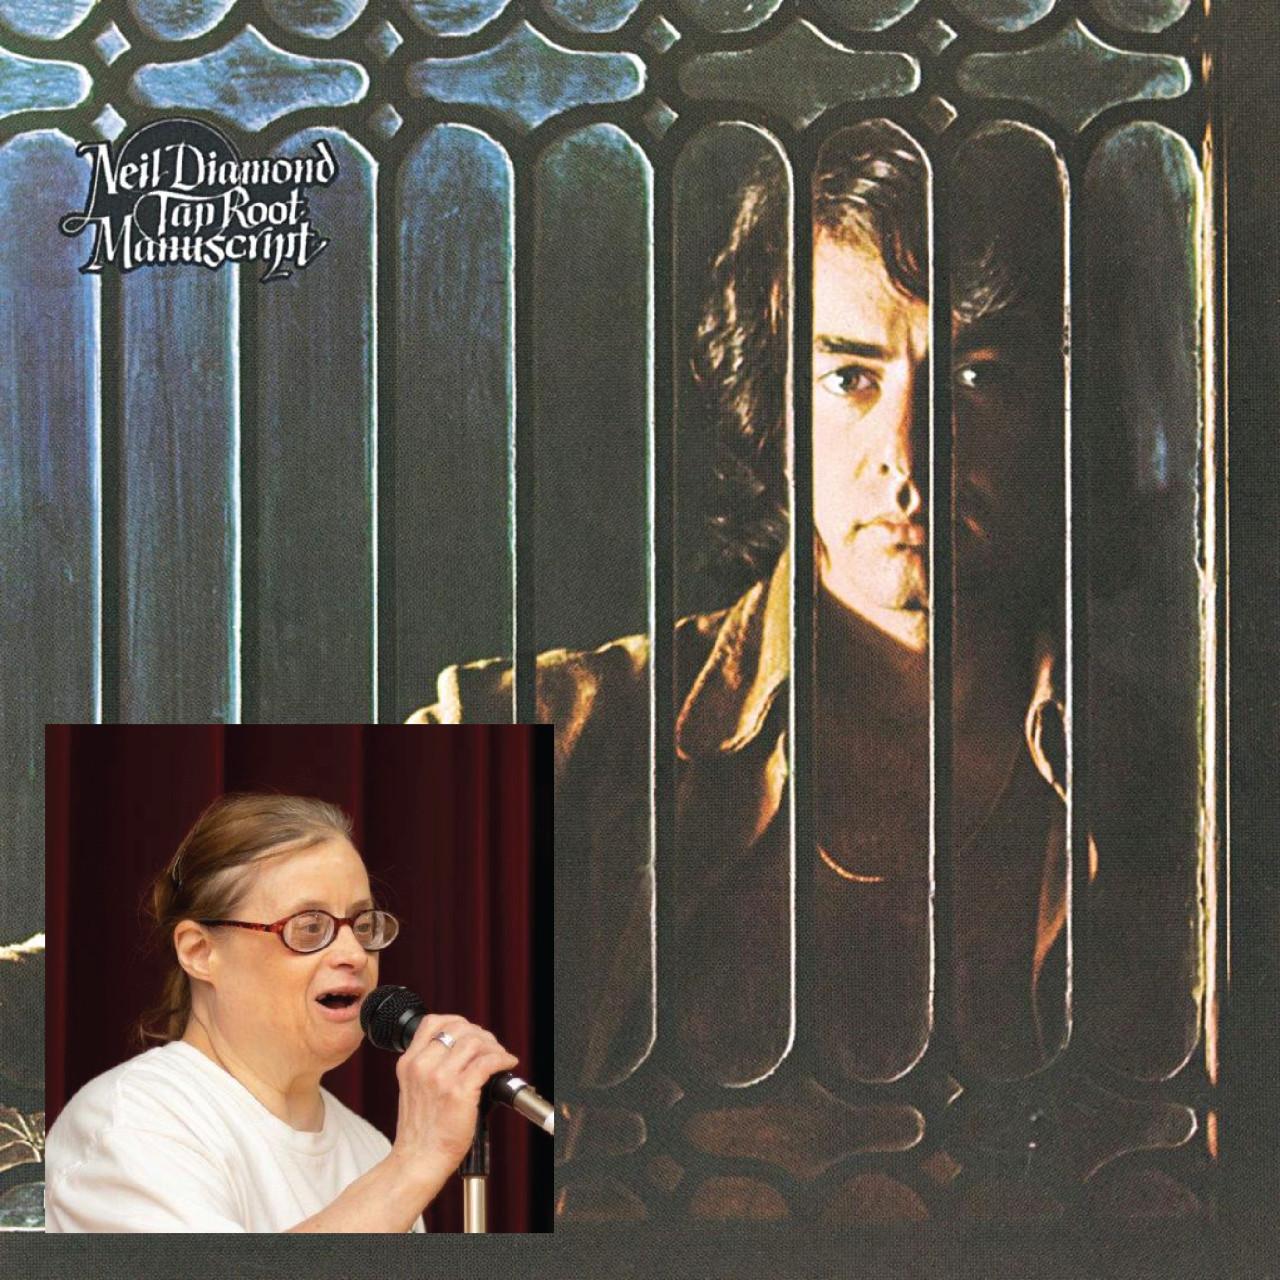 Betty Gross   Neil Diamond png A3xDwp3X - Deep Listening - Meditation Monday